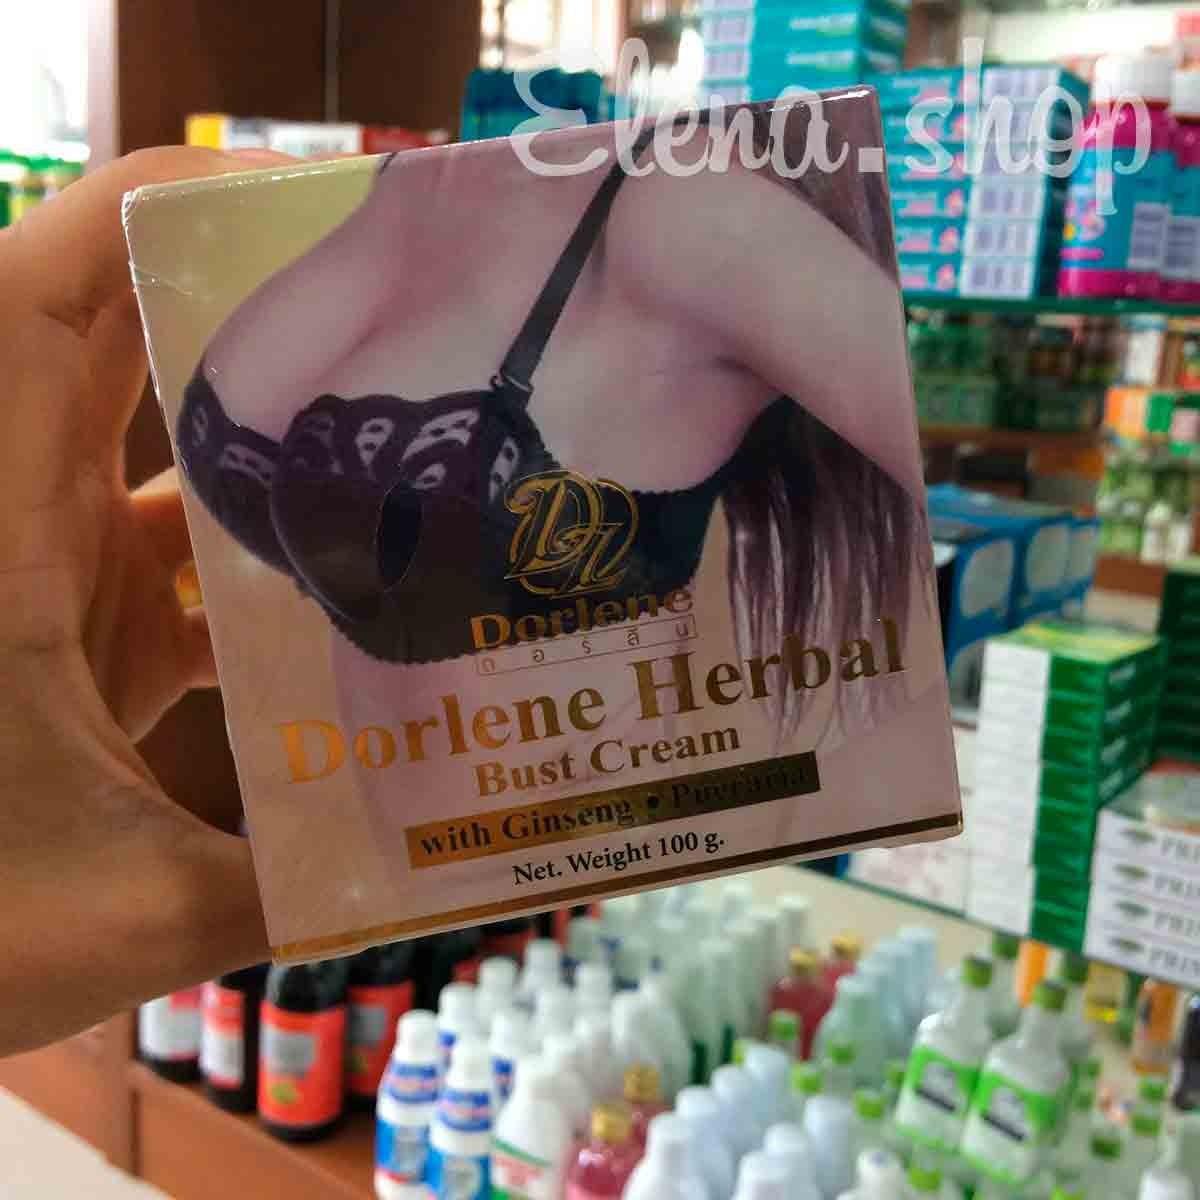 Укрепляющий крем для груди с экстрактом Женьшеня и Пуэрарии Мирифика от Dorlene